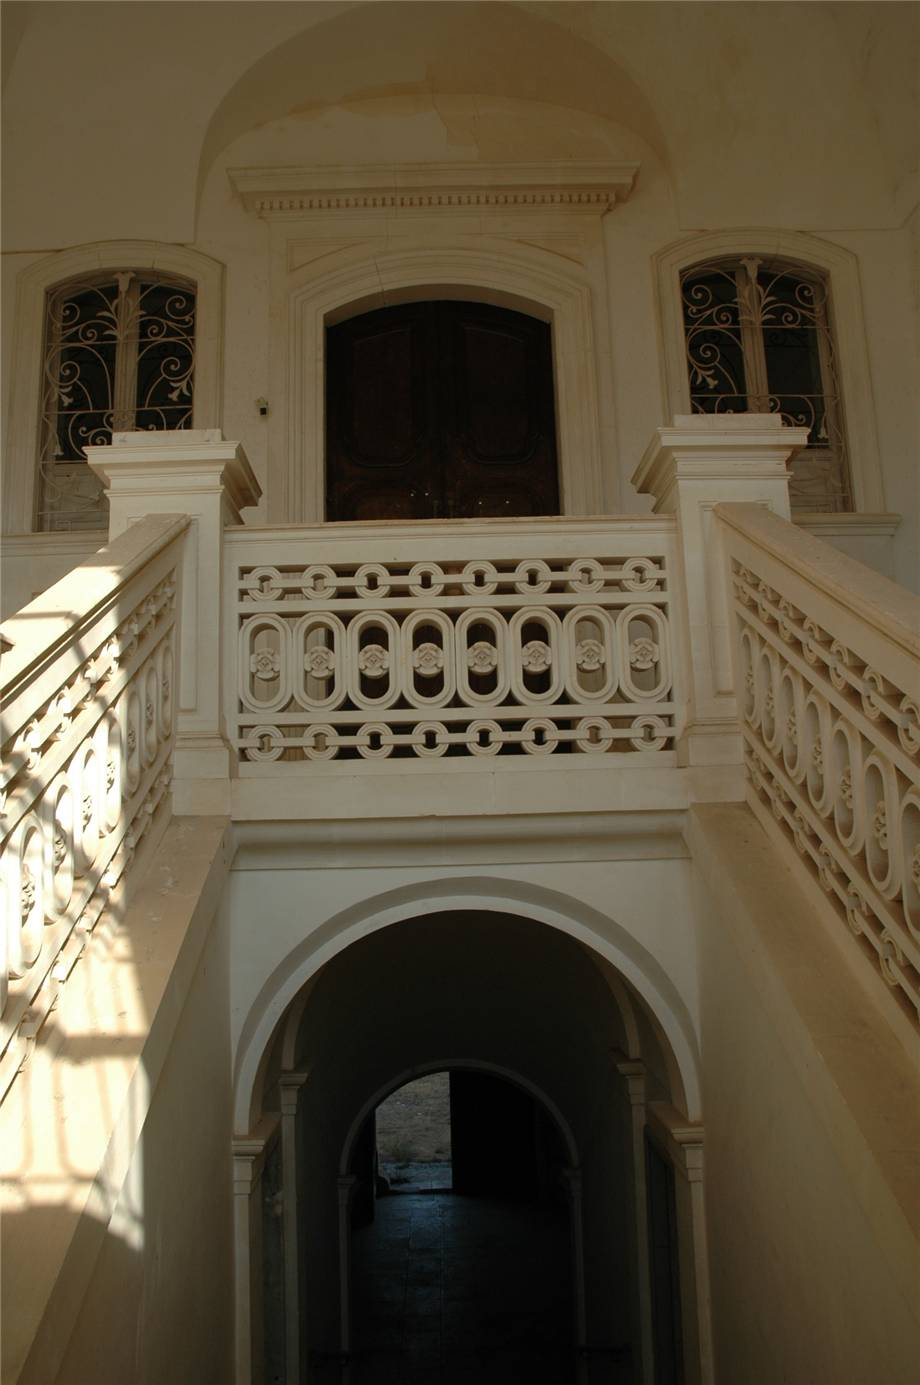 Verkauf Villa/Einzelhaus Modica  #266V n.7